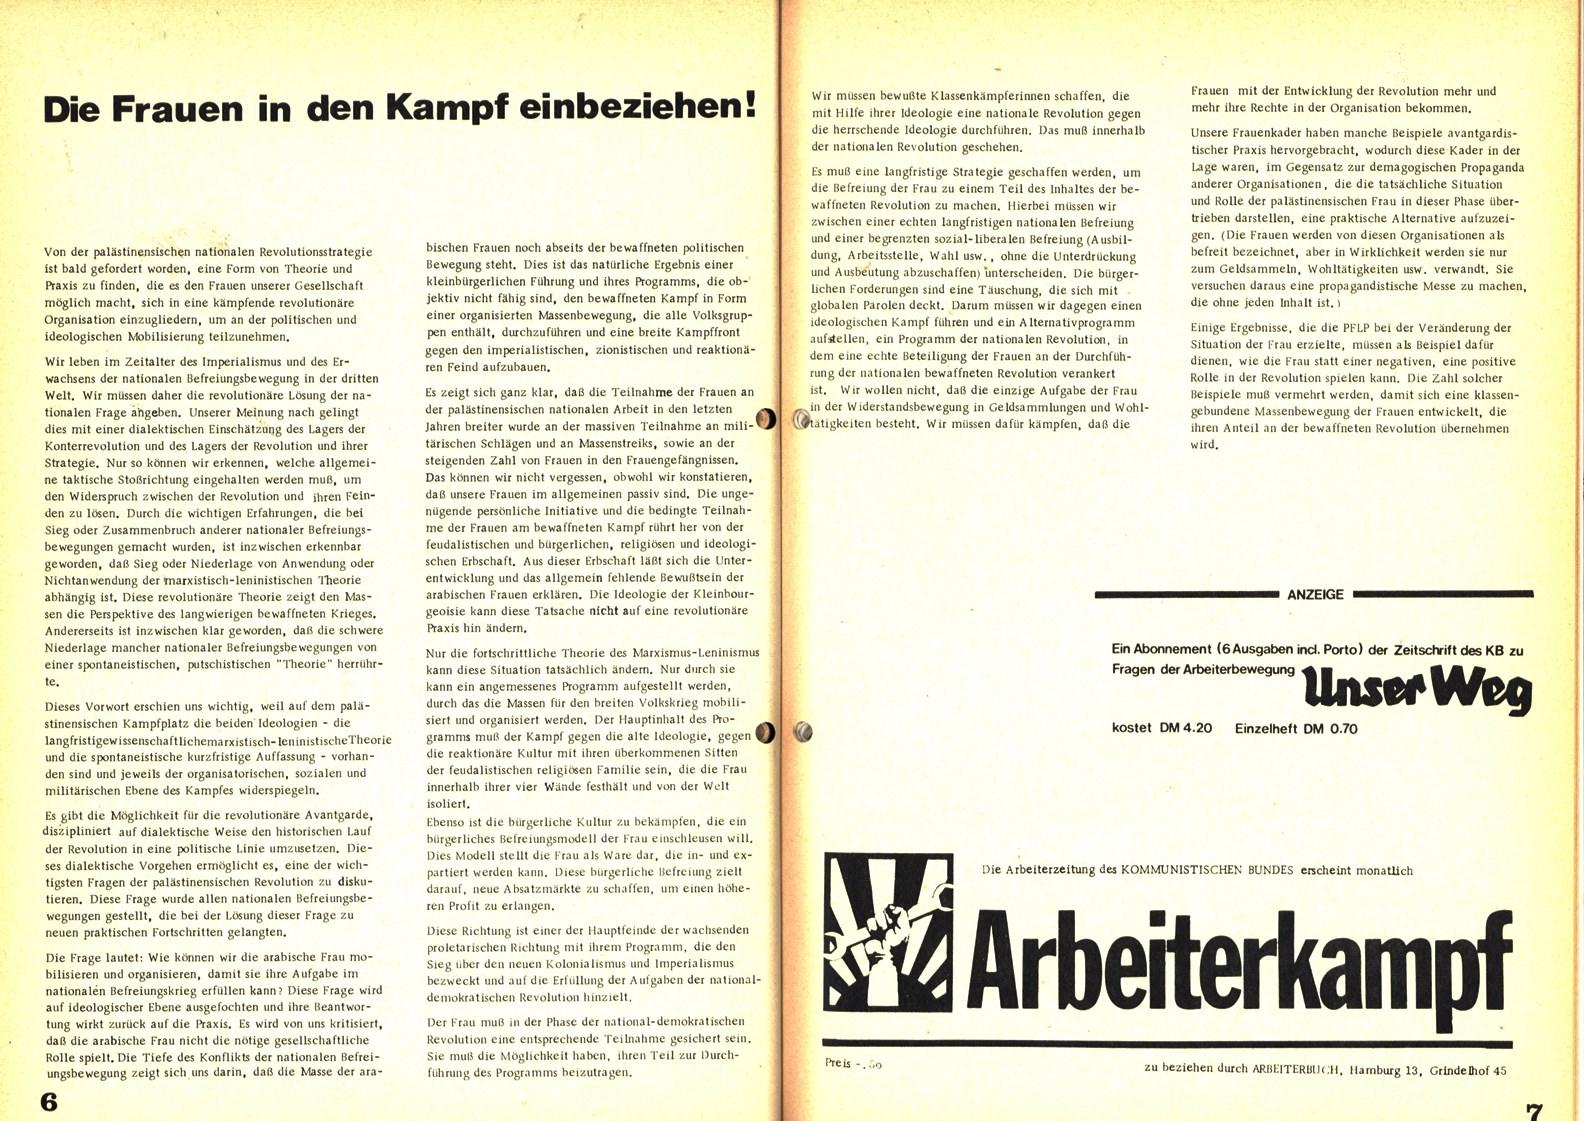 KB_Unser_Weg_19721000_04